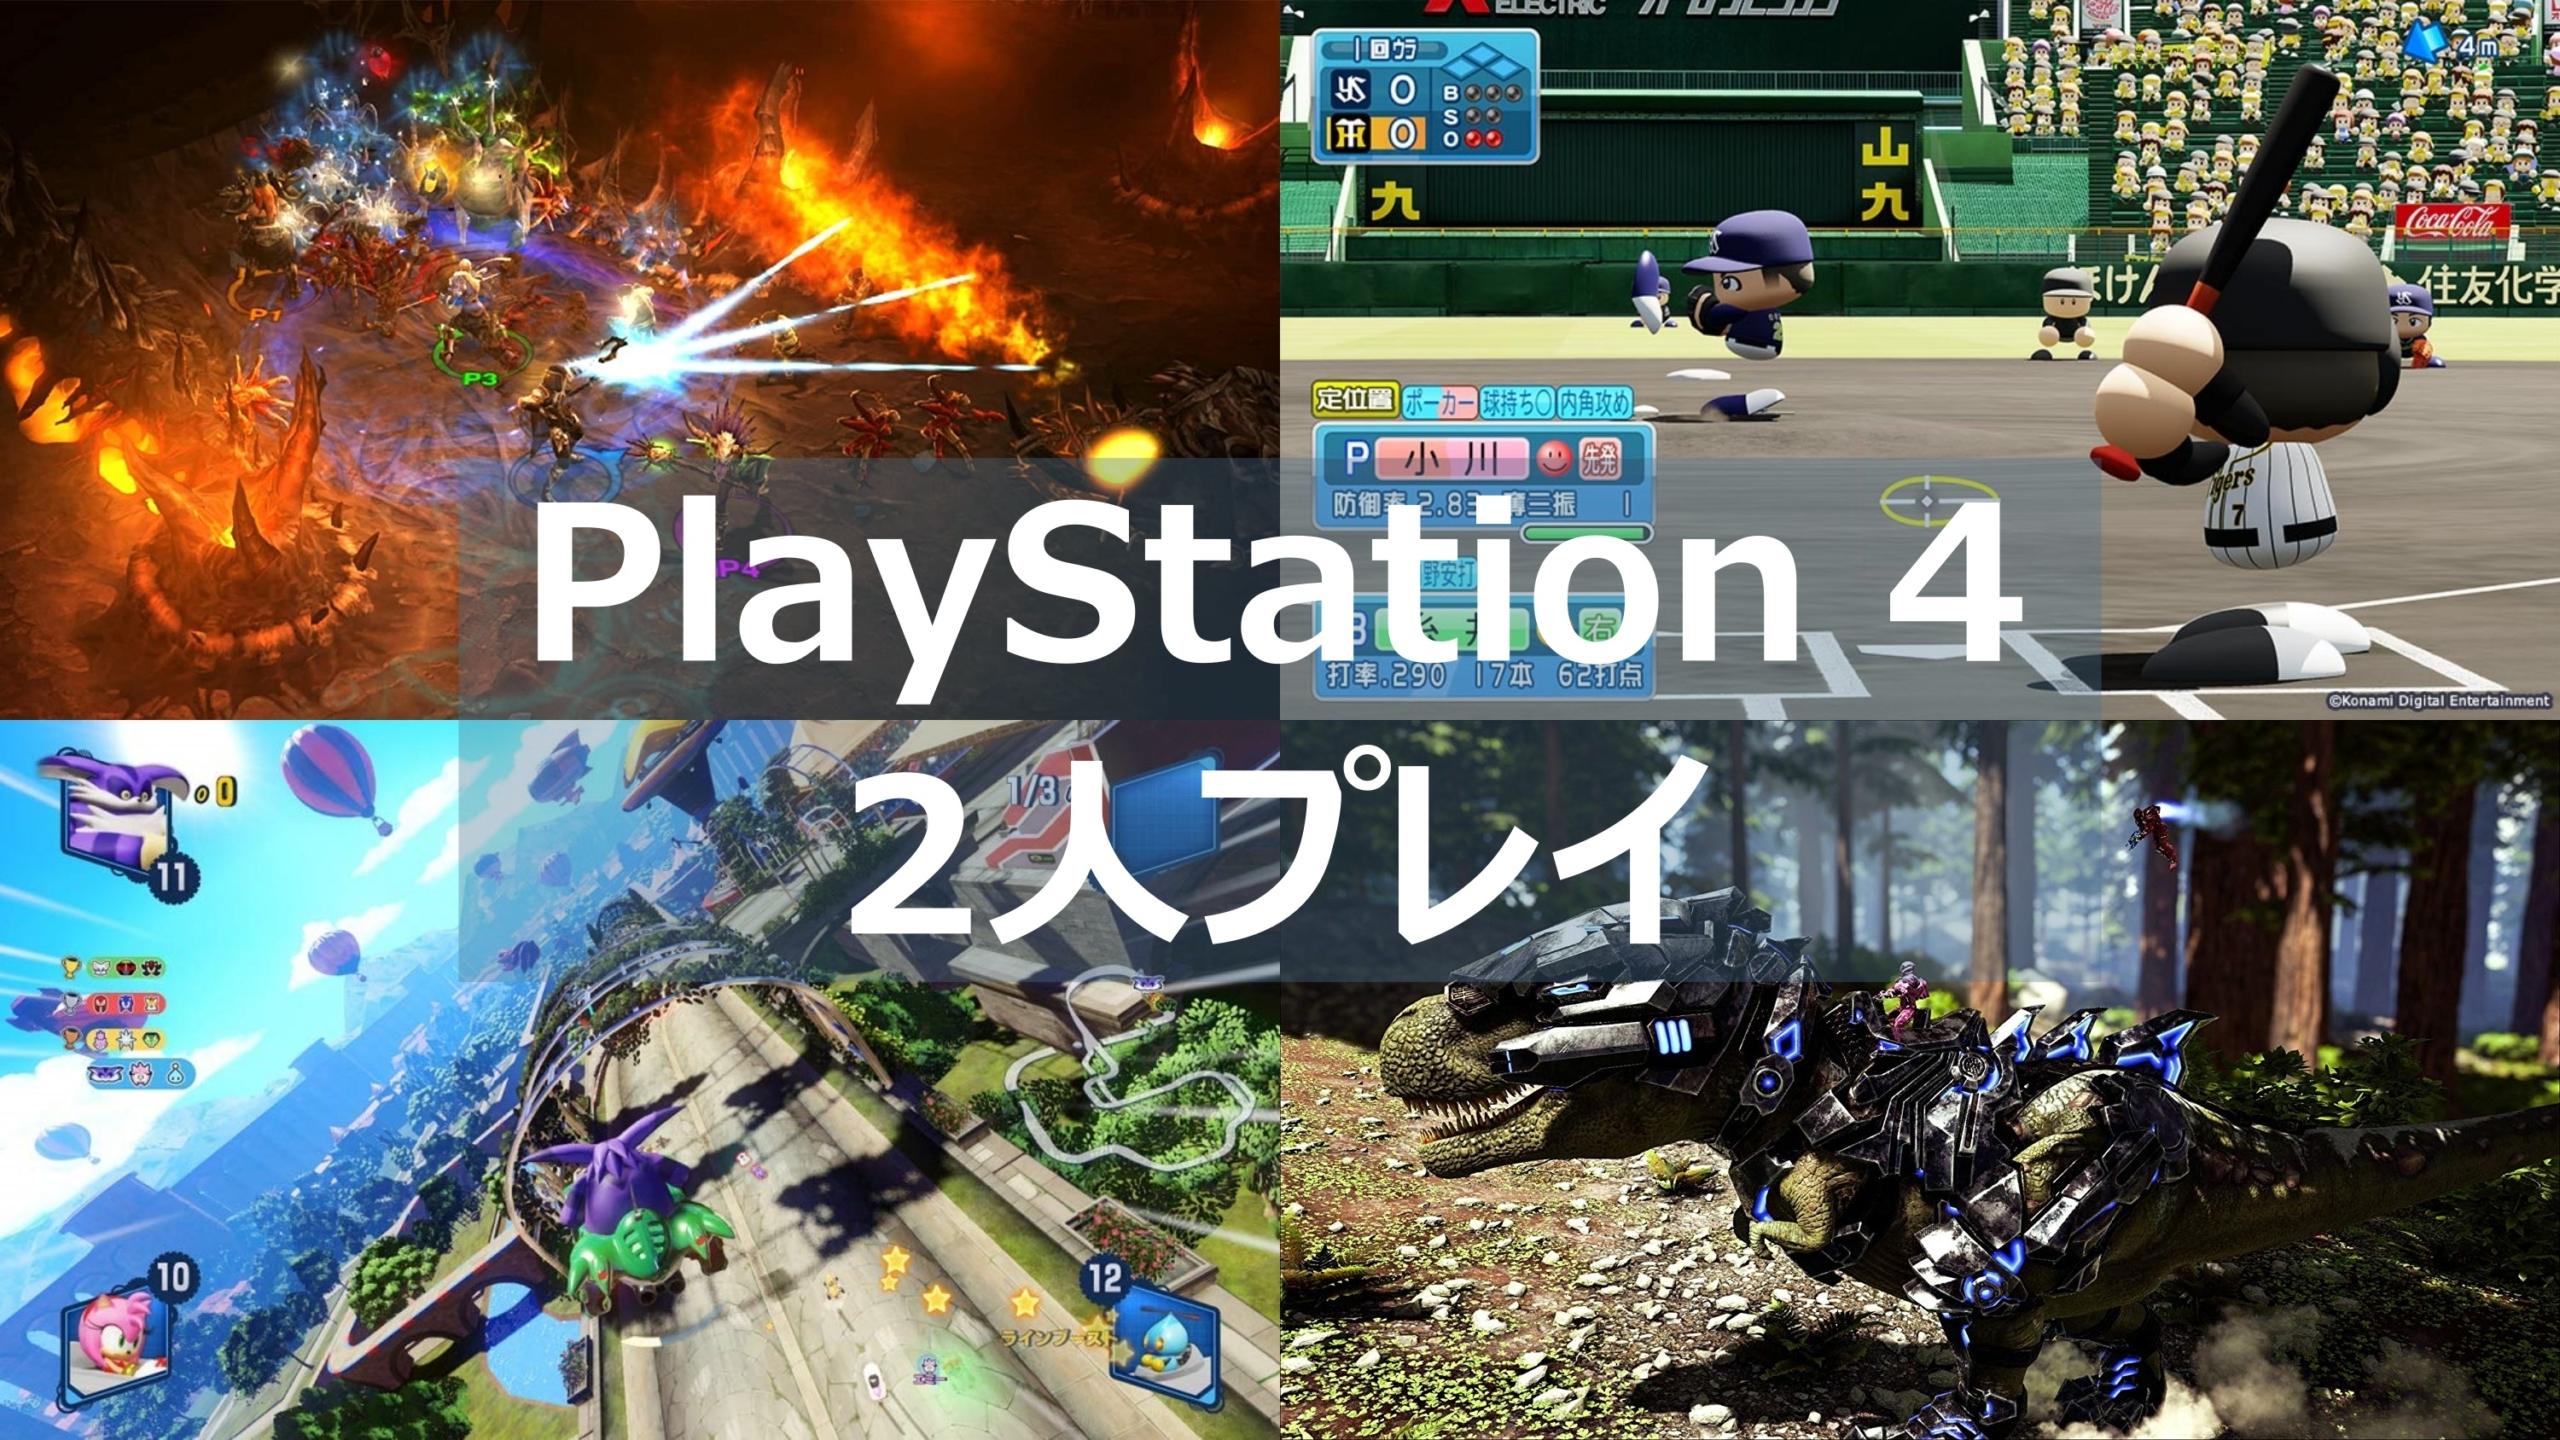 ふたり で オフライン ps4 遊ぶ 【最新】PS4オフラインの協力・対戦プレイおすすめ7選!